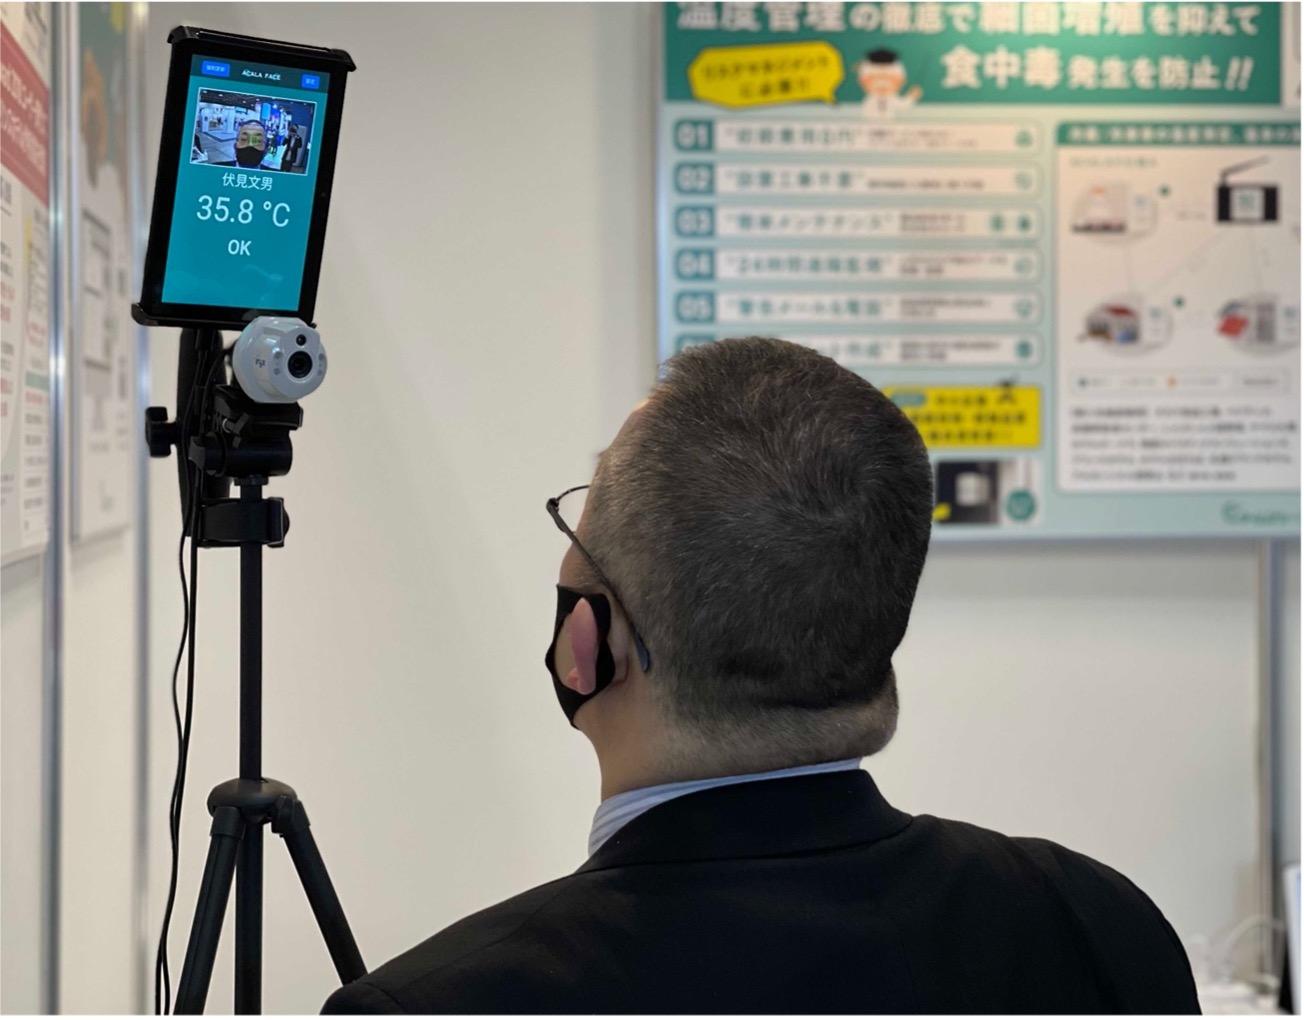 体表温測定&顔認識システム